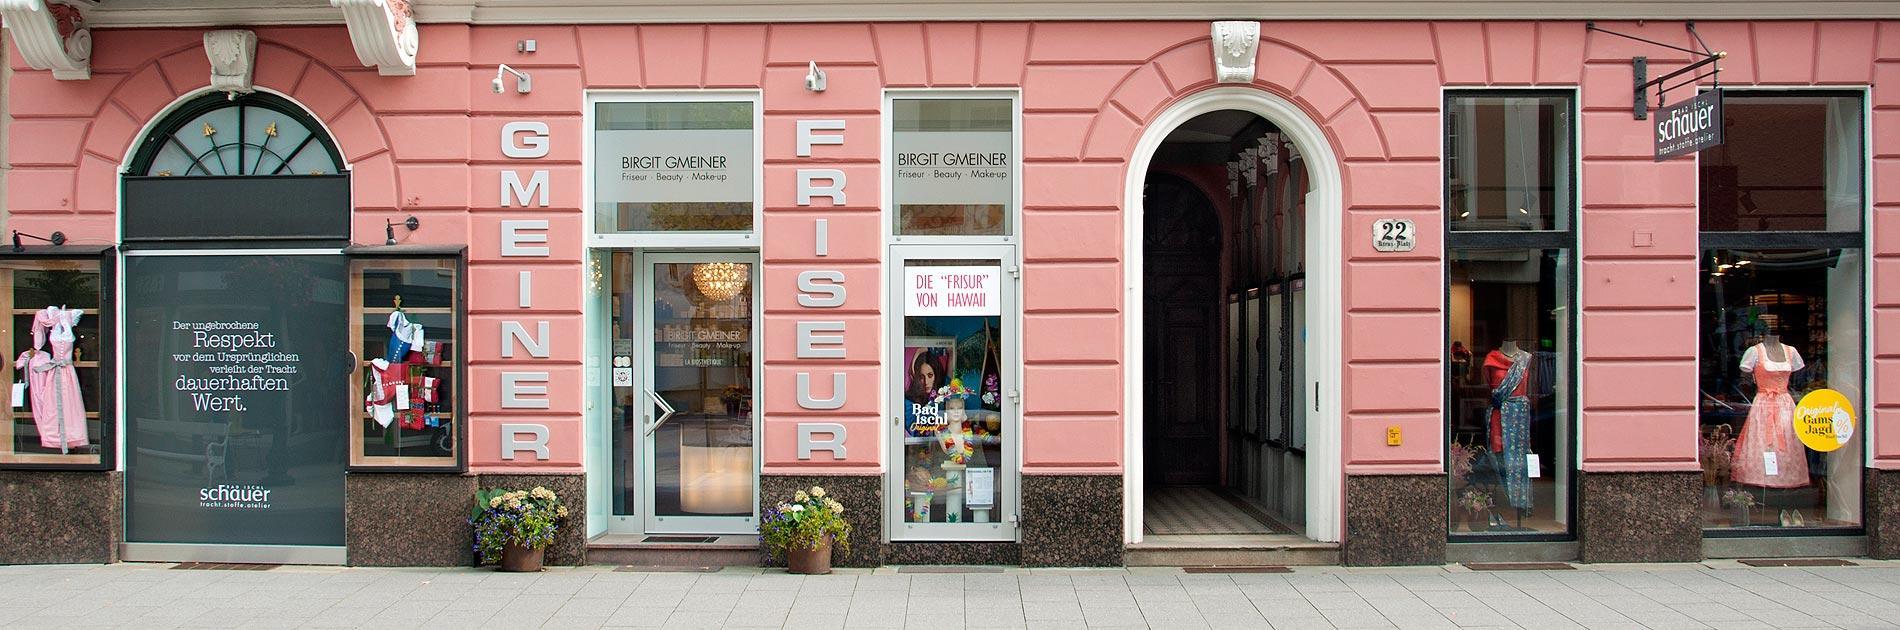 Kontakt Birgit Gmeiner  Friseur  Beauty  Makeup